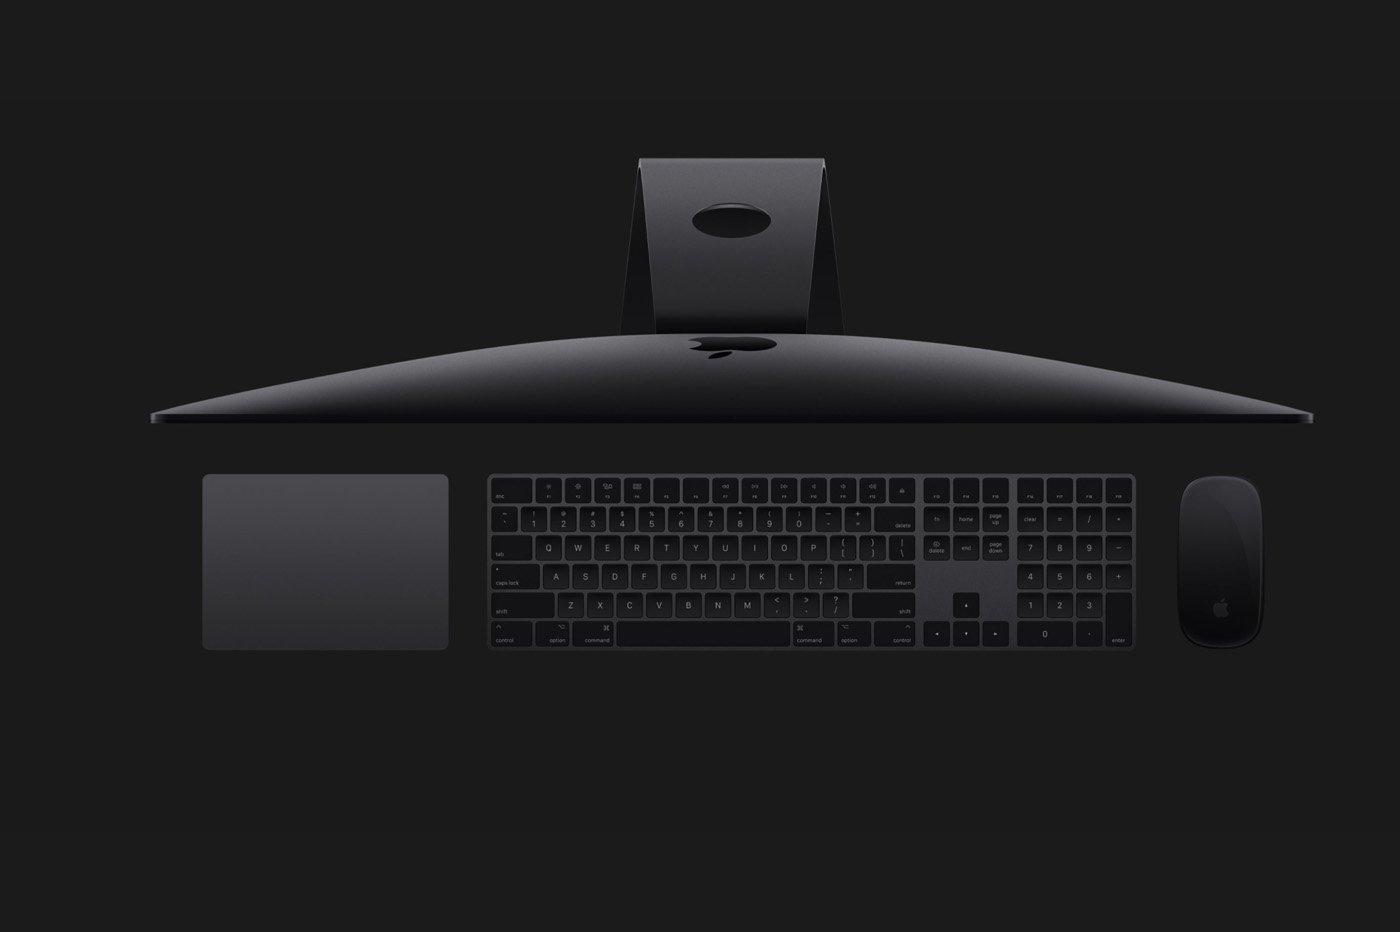 iMac Pro : avis, prix et fiche technique complète 4